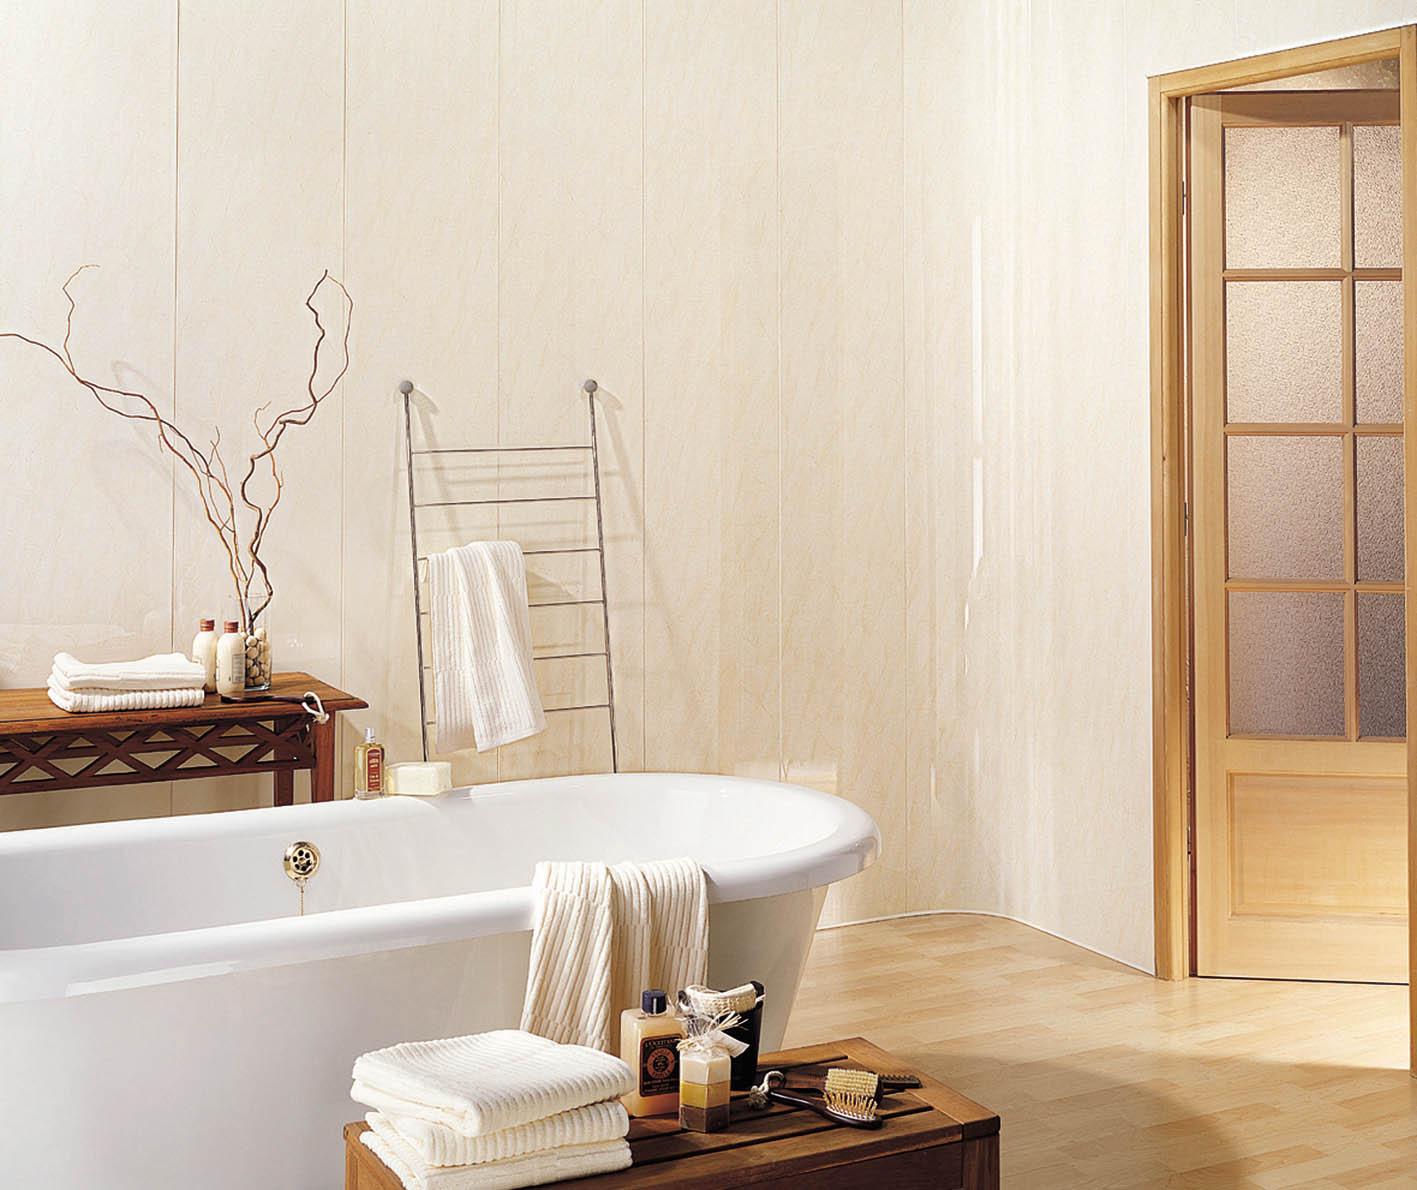 Бежевые пластиковые панели в дизайне ванной комнаты